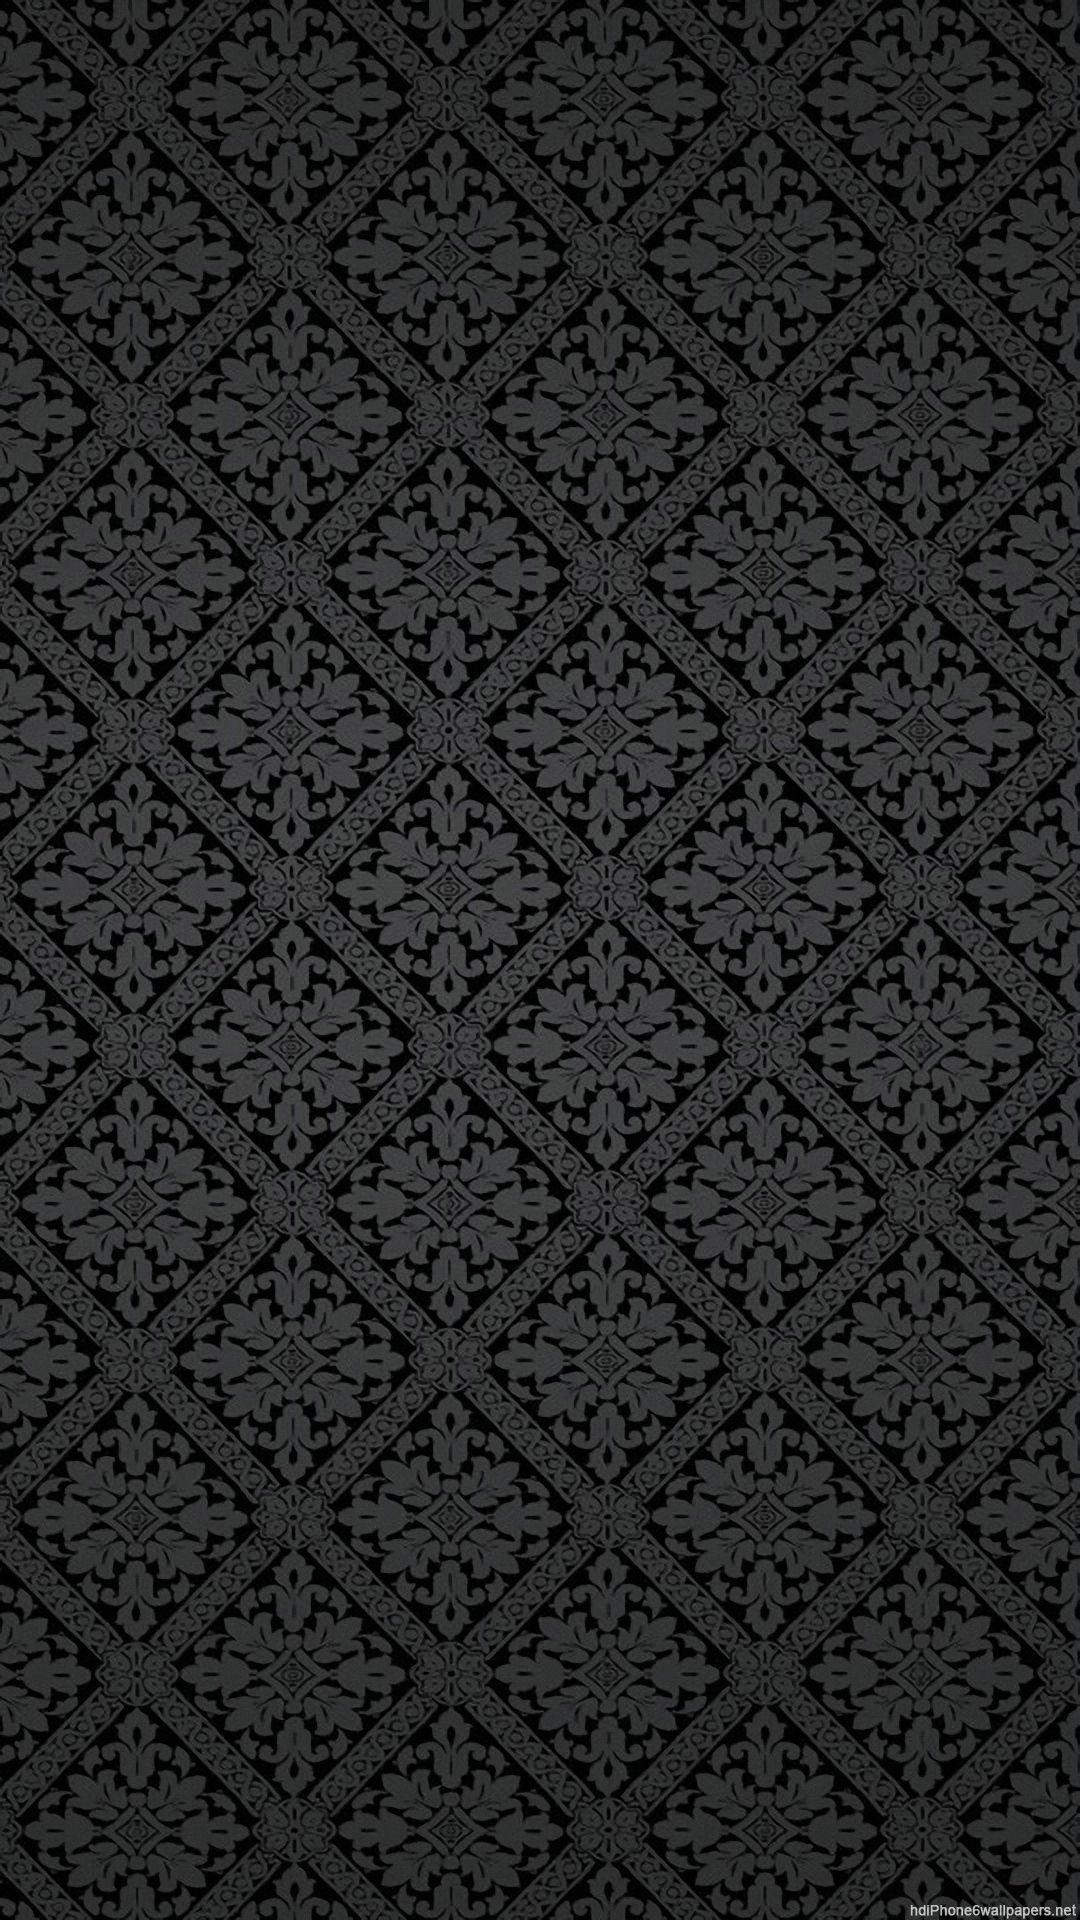 Tapet svart och vitt